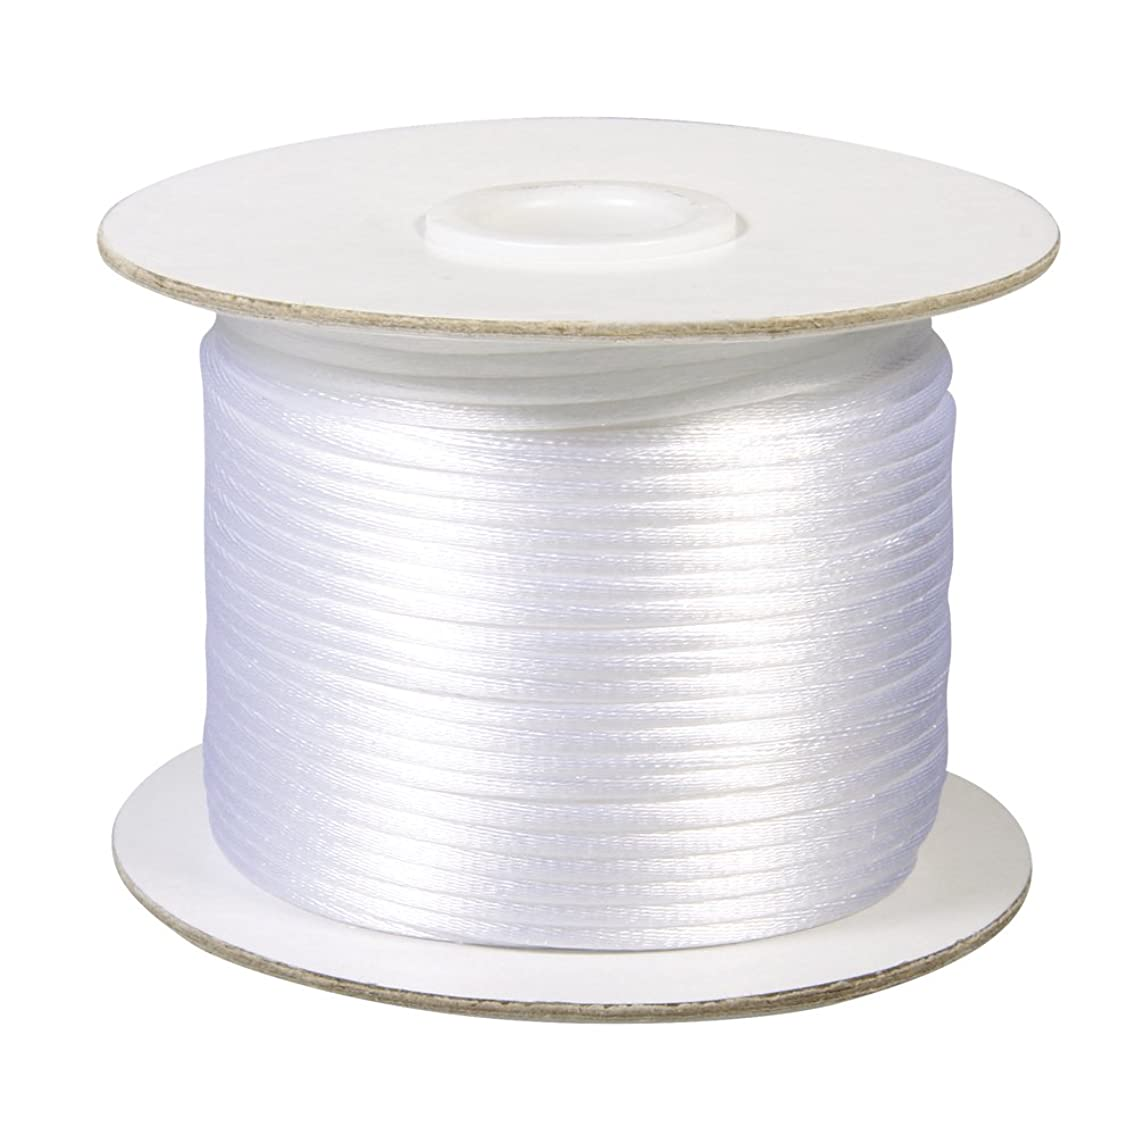 Rayher 2mm Satin Cord, 50 m, White